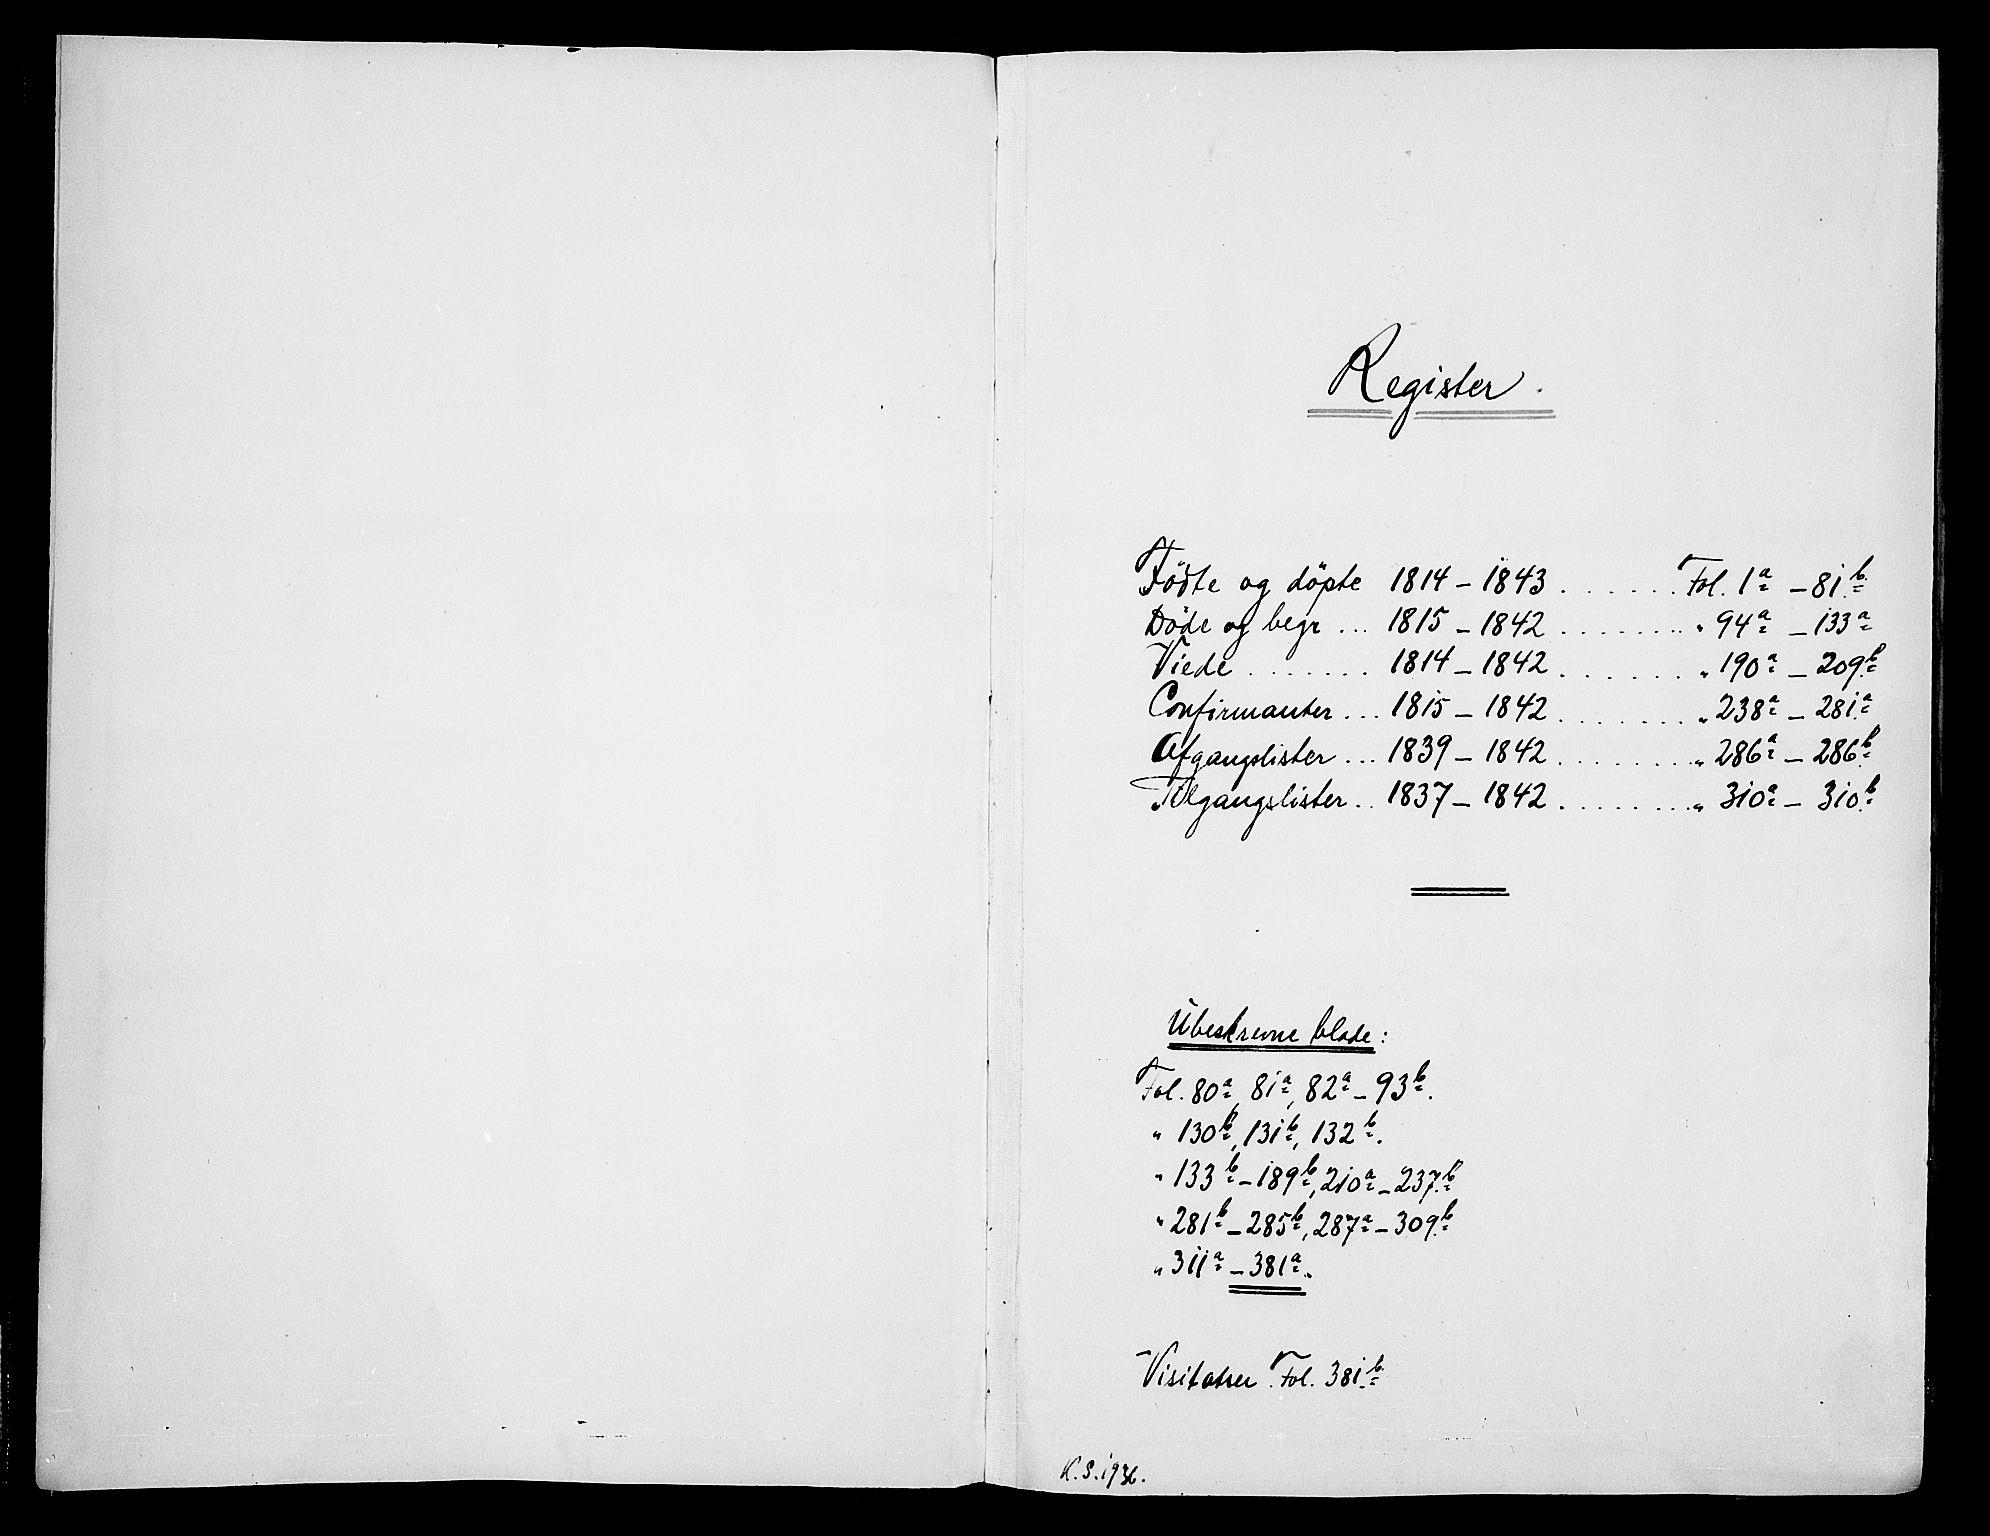 SAKO, Skien kirkebøker, F/Fa/L0005: Ministerialbok nr. 5, 1814-1843